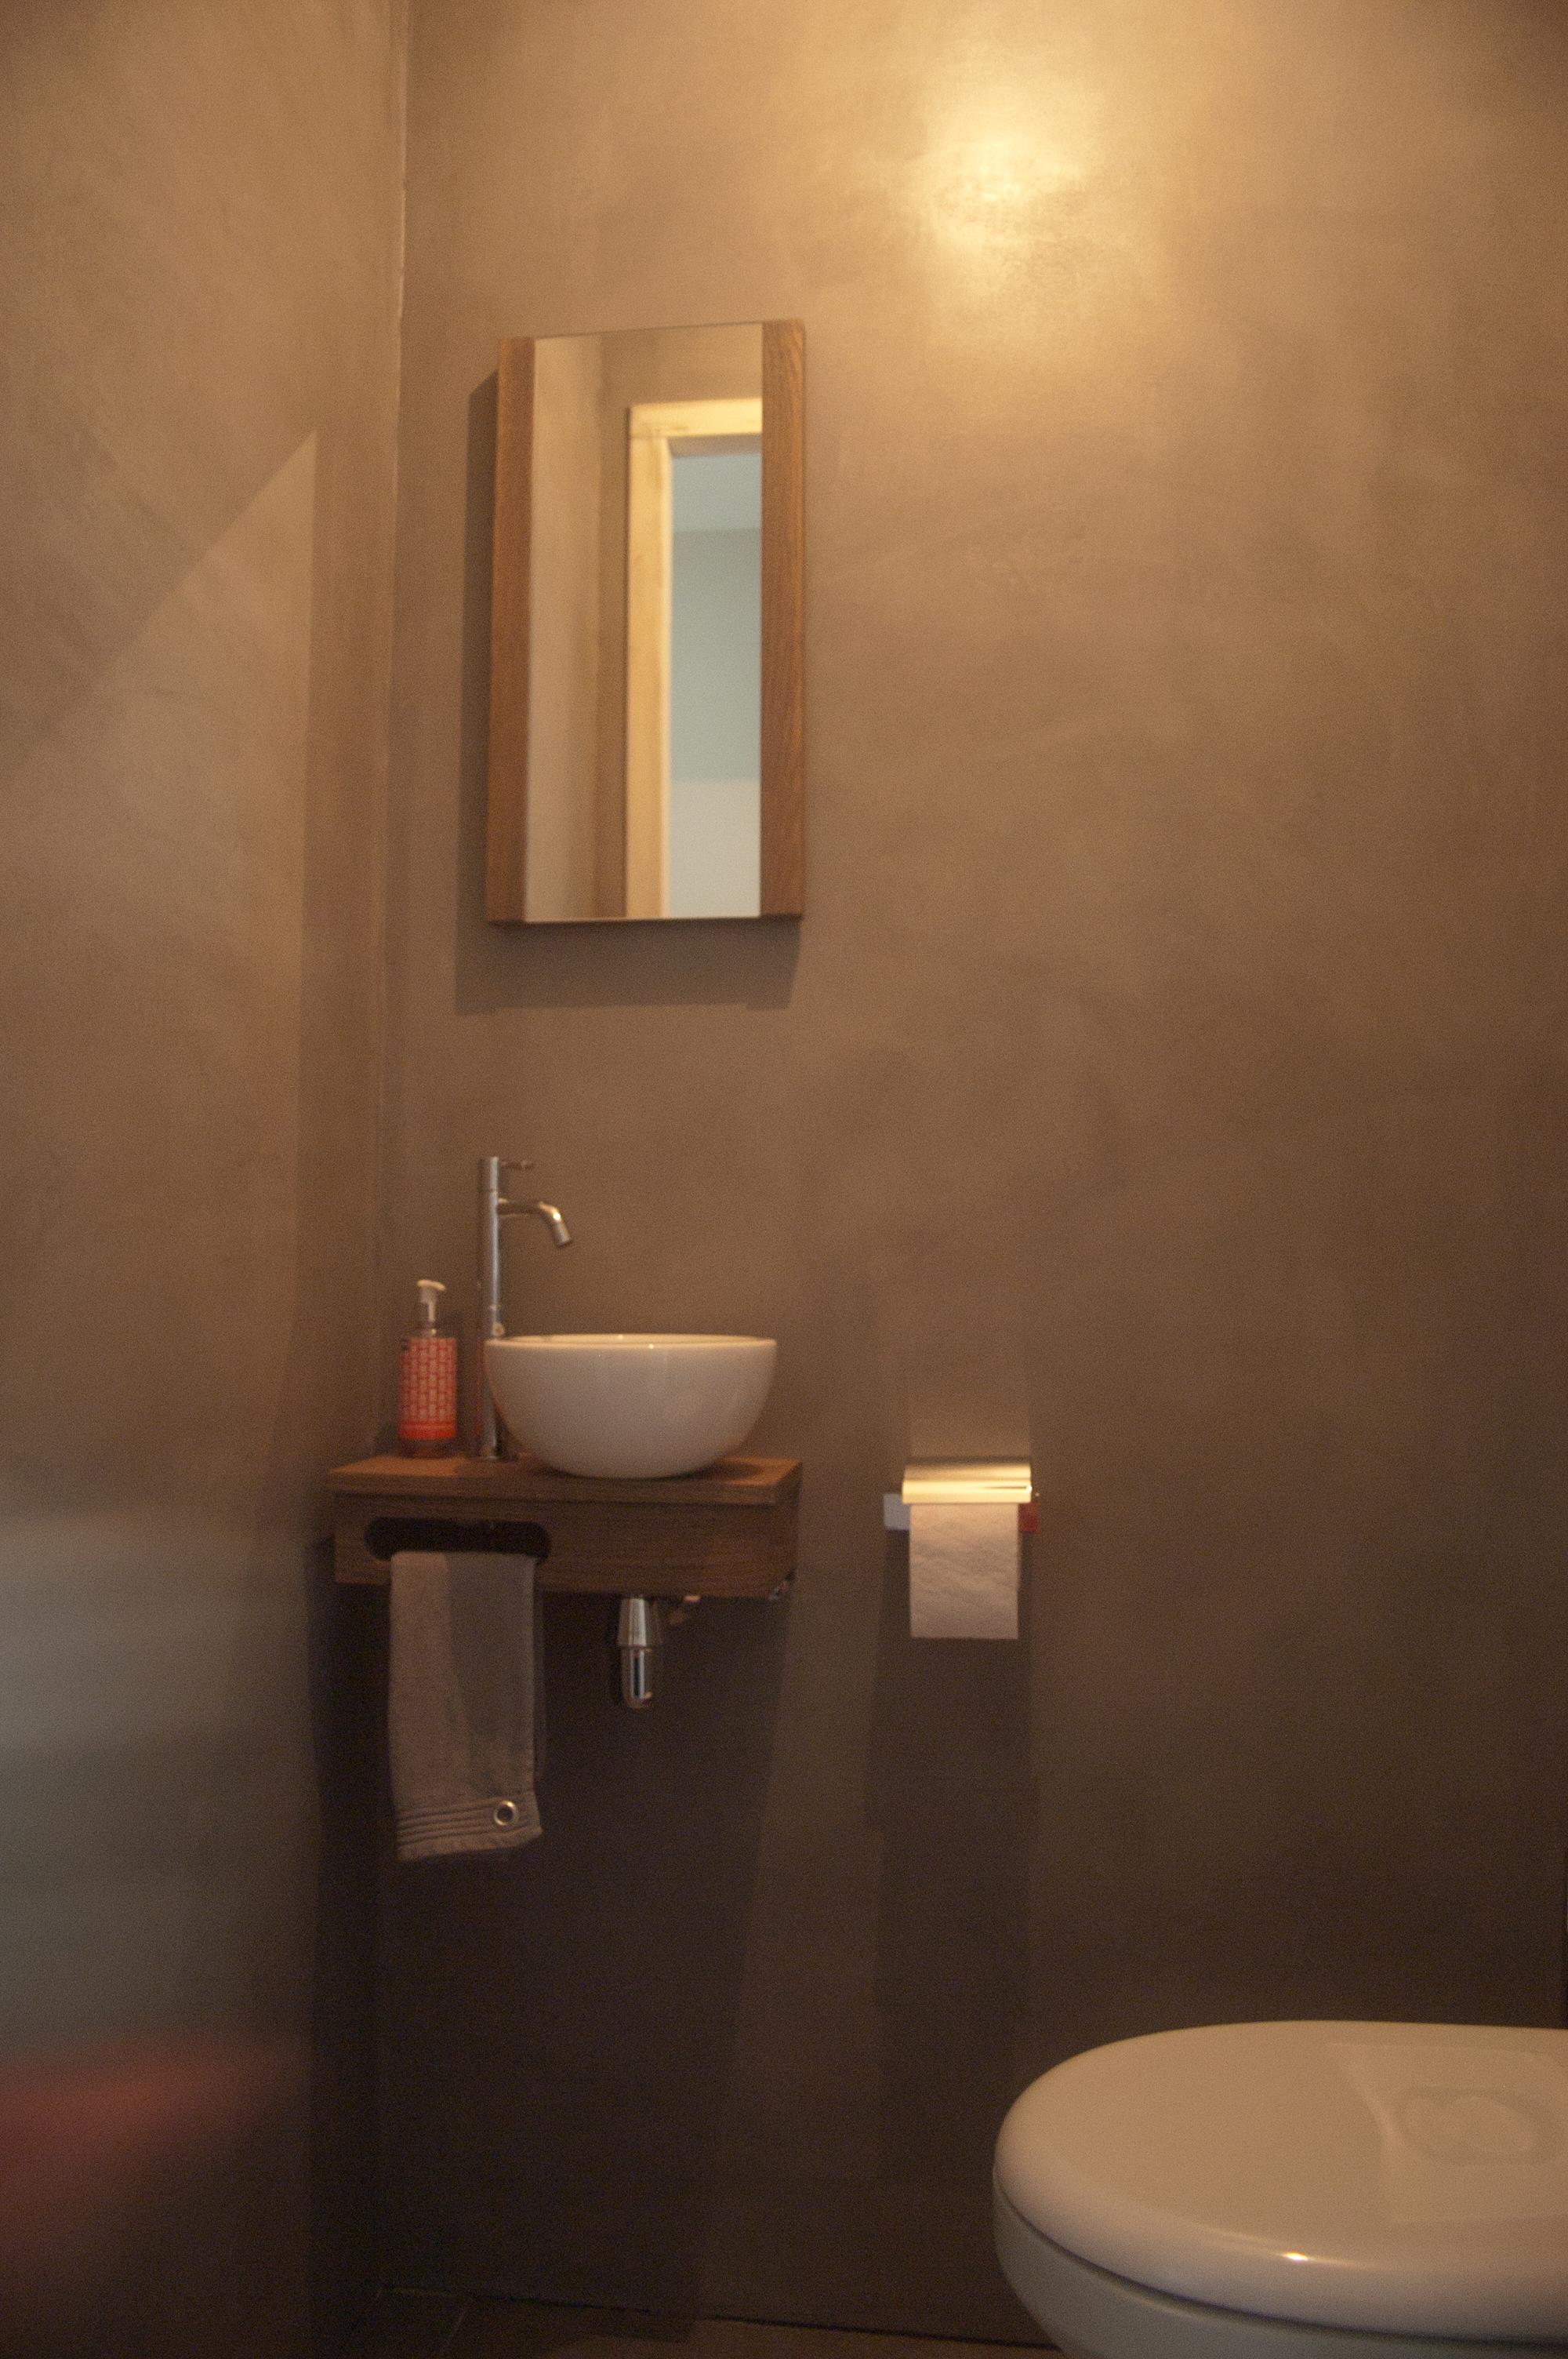 Toilet verbau betonstuc kleur op maat verbau - Schilderkunst wc kleuren ...